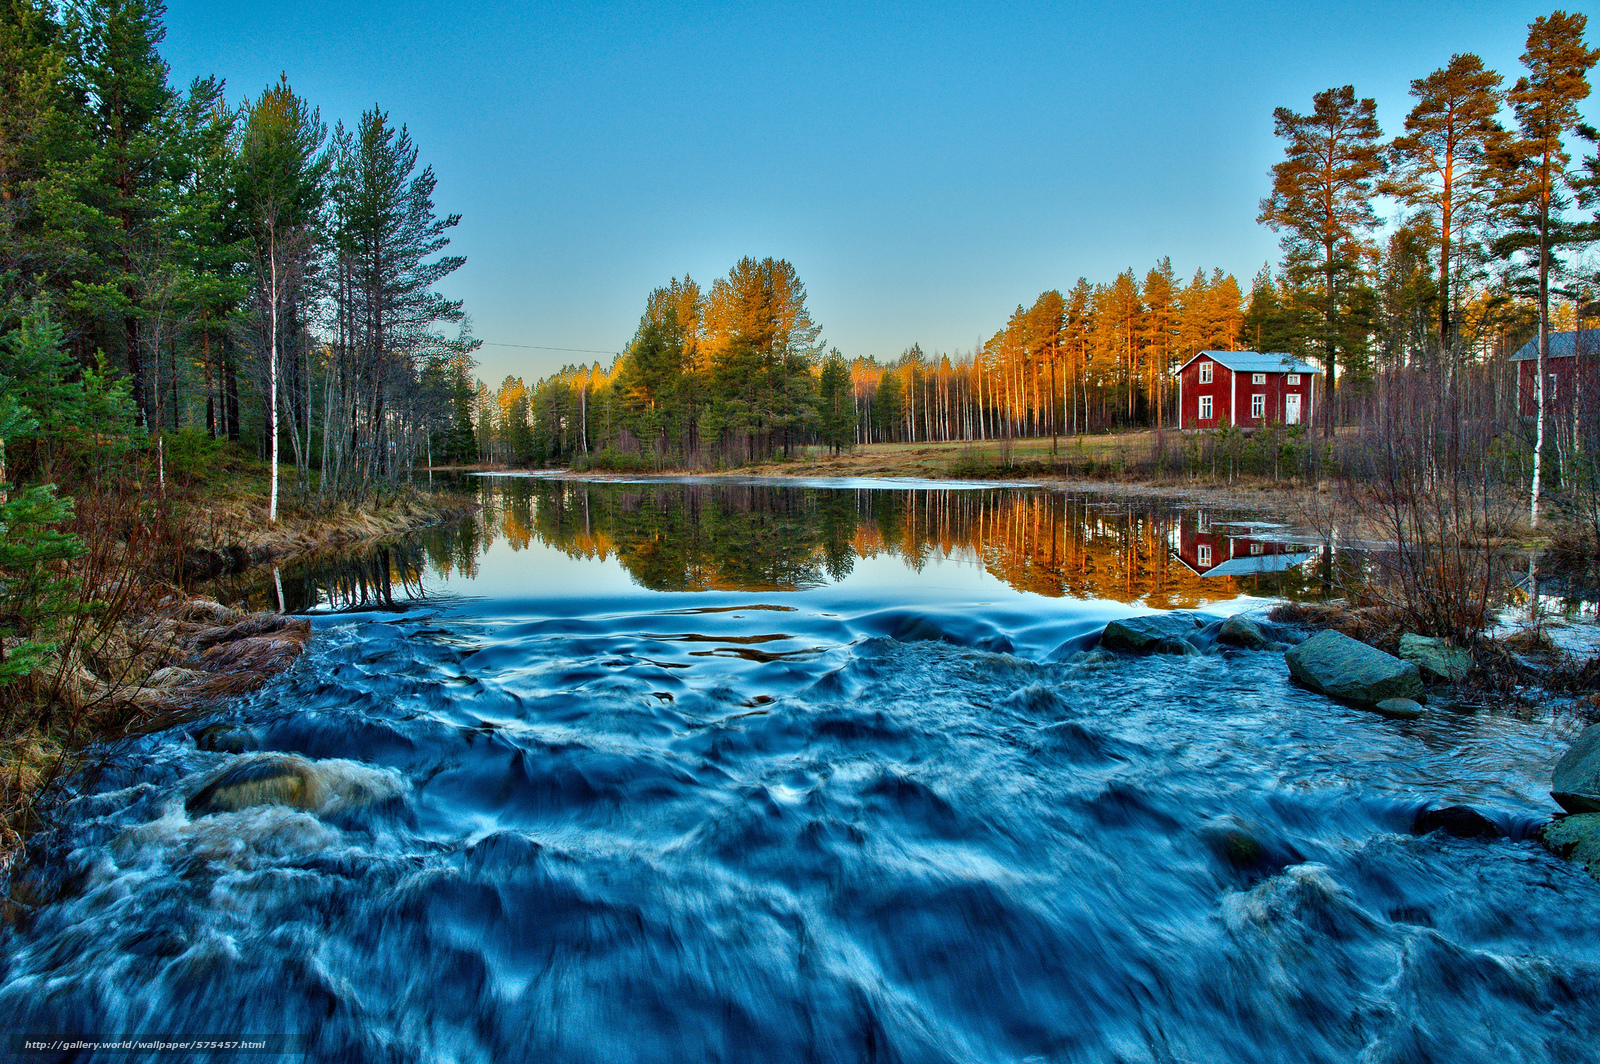 Tlcharger Fond d'ecran forêt,  FLOW,  matinée,  rivière Fonds d'ecran gratuits pour votre rsolution du bureau 2048x1362 — image №575457